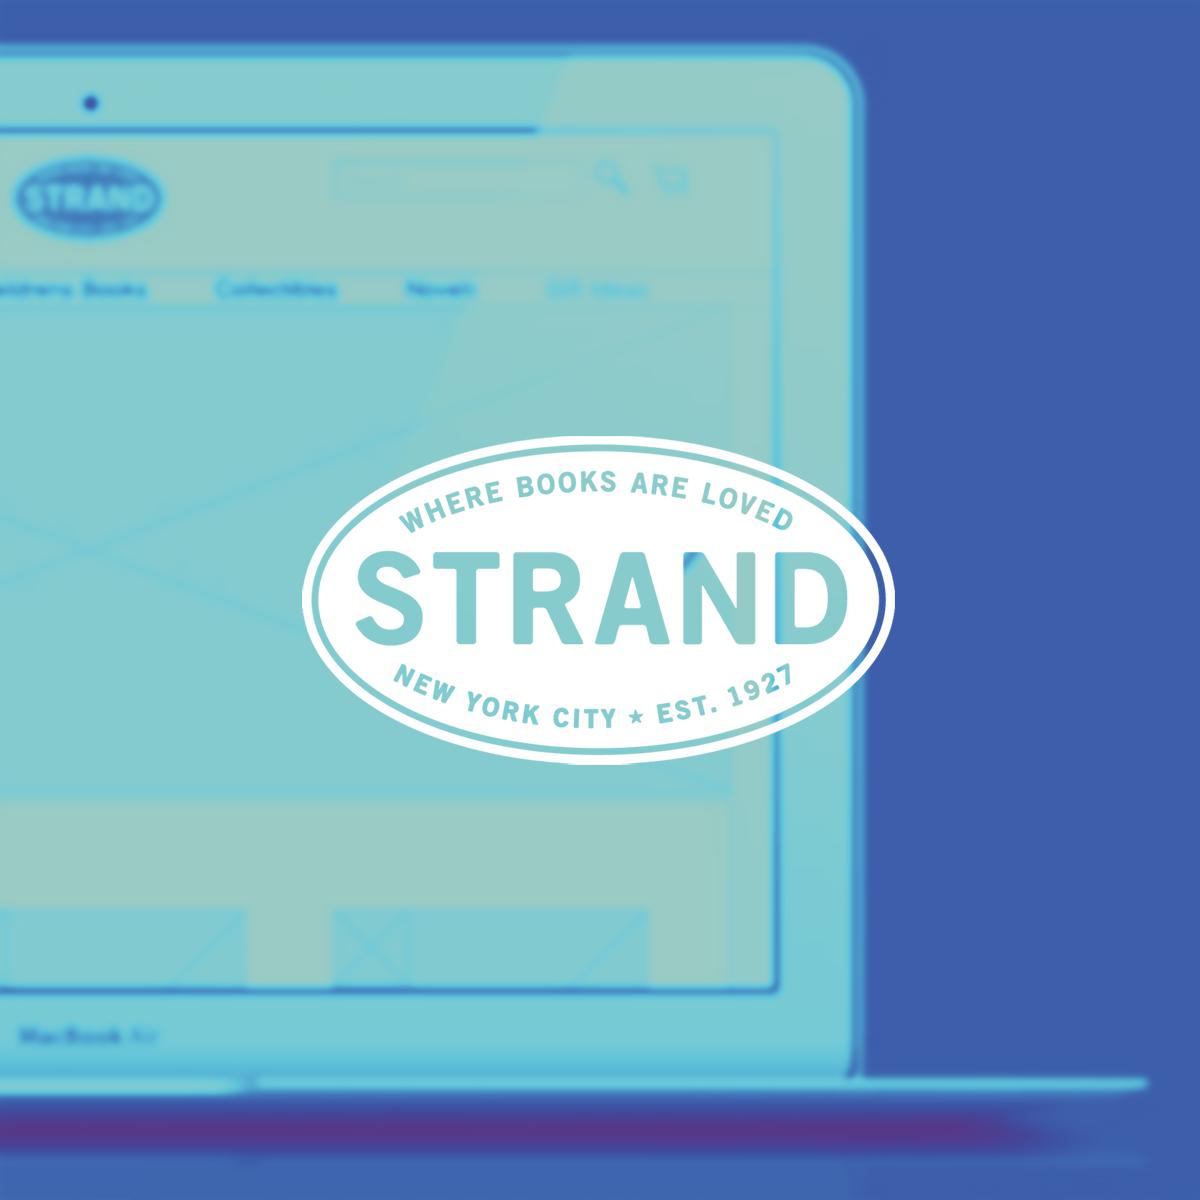 UX Design & Information Architecture - Strand Books